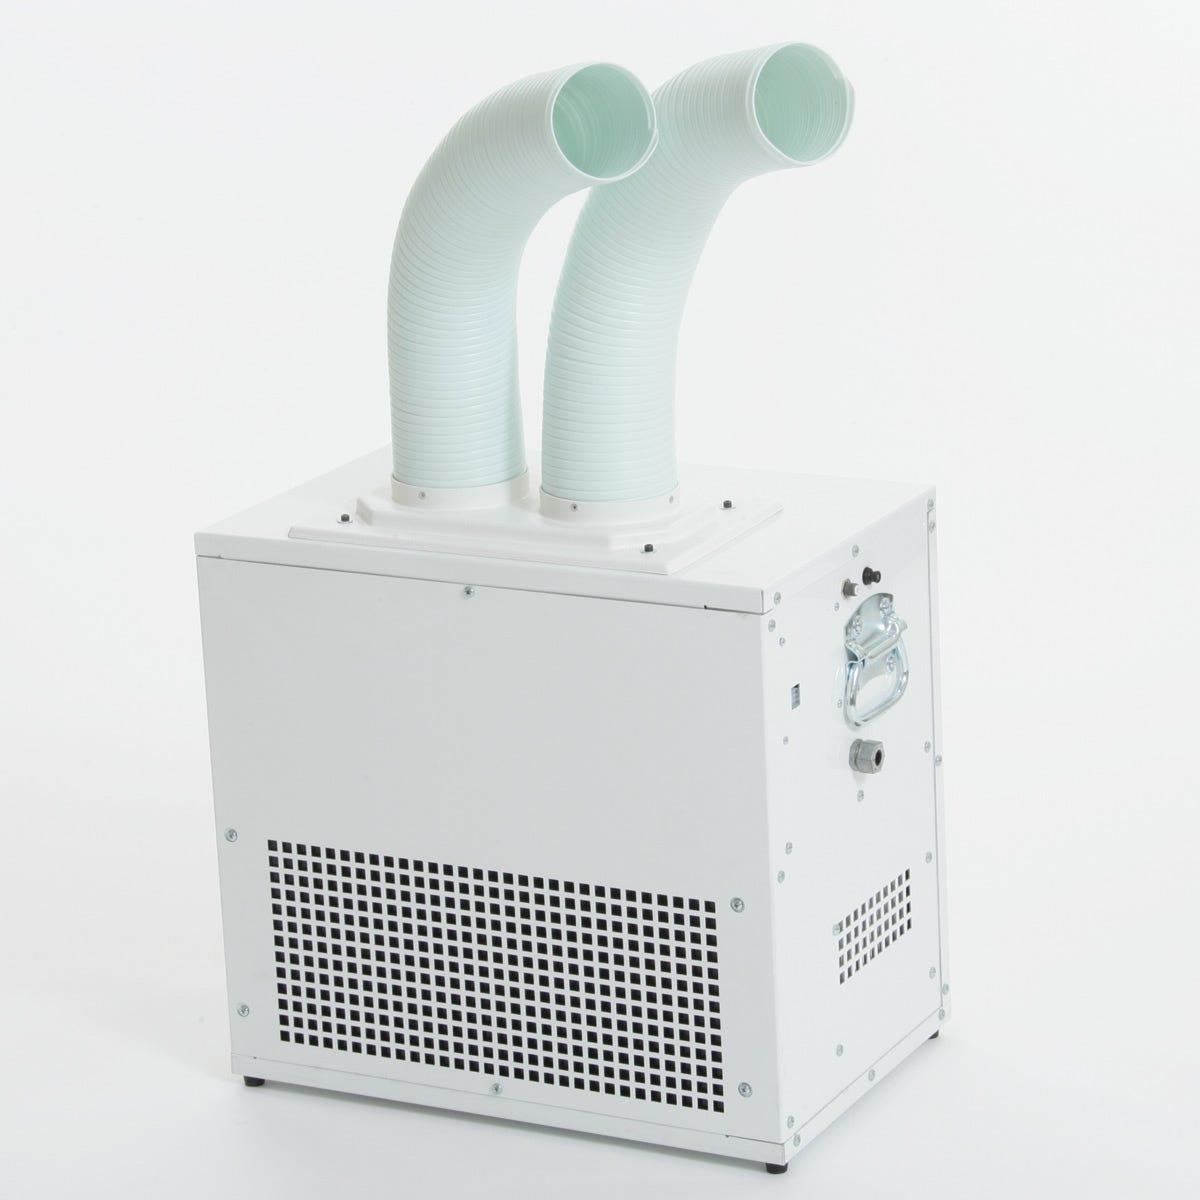 pye portable air conditioner manual